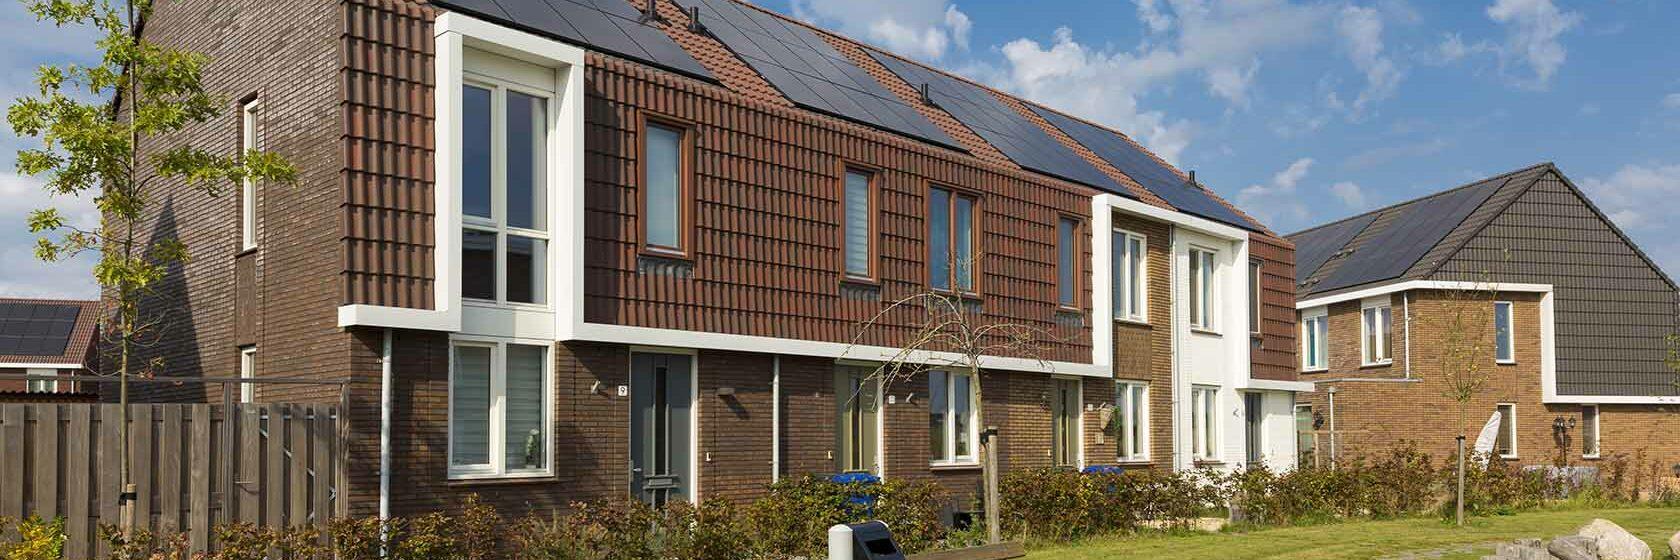 Duurzame woonwijk in Rijswijk met veel groen